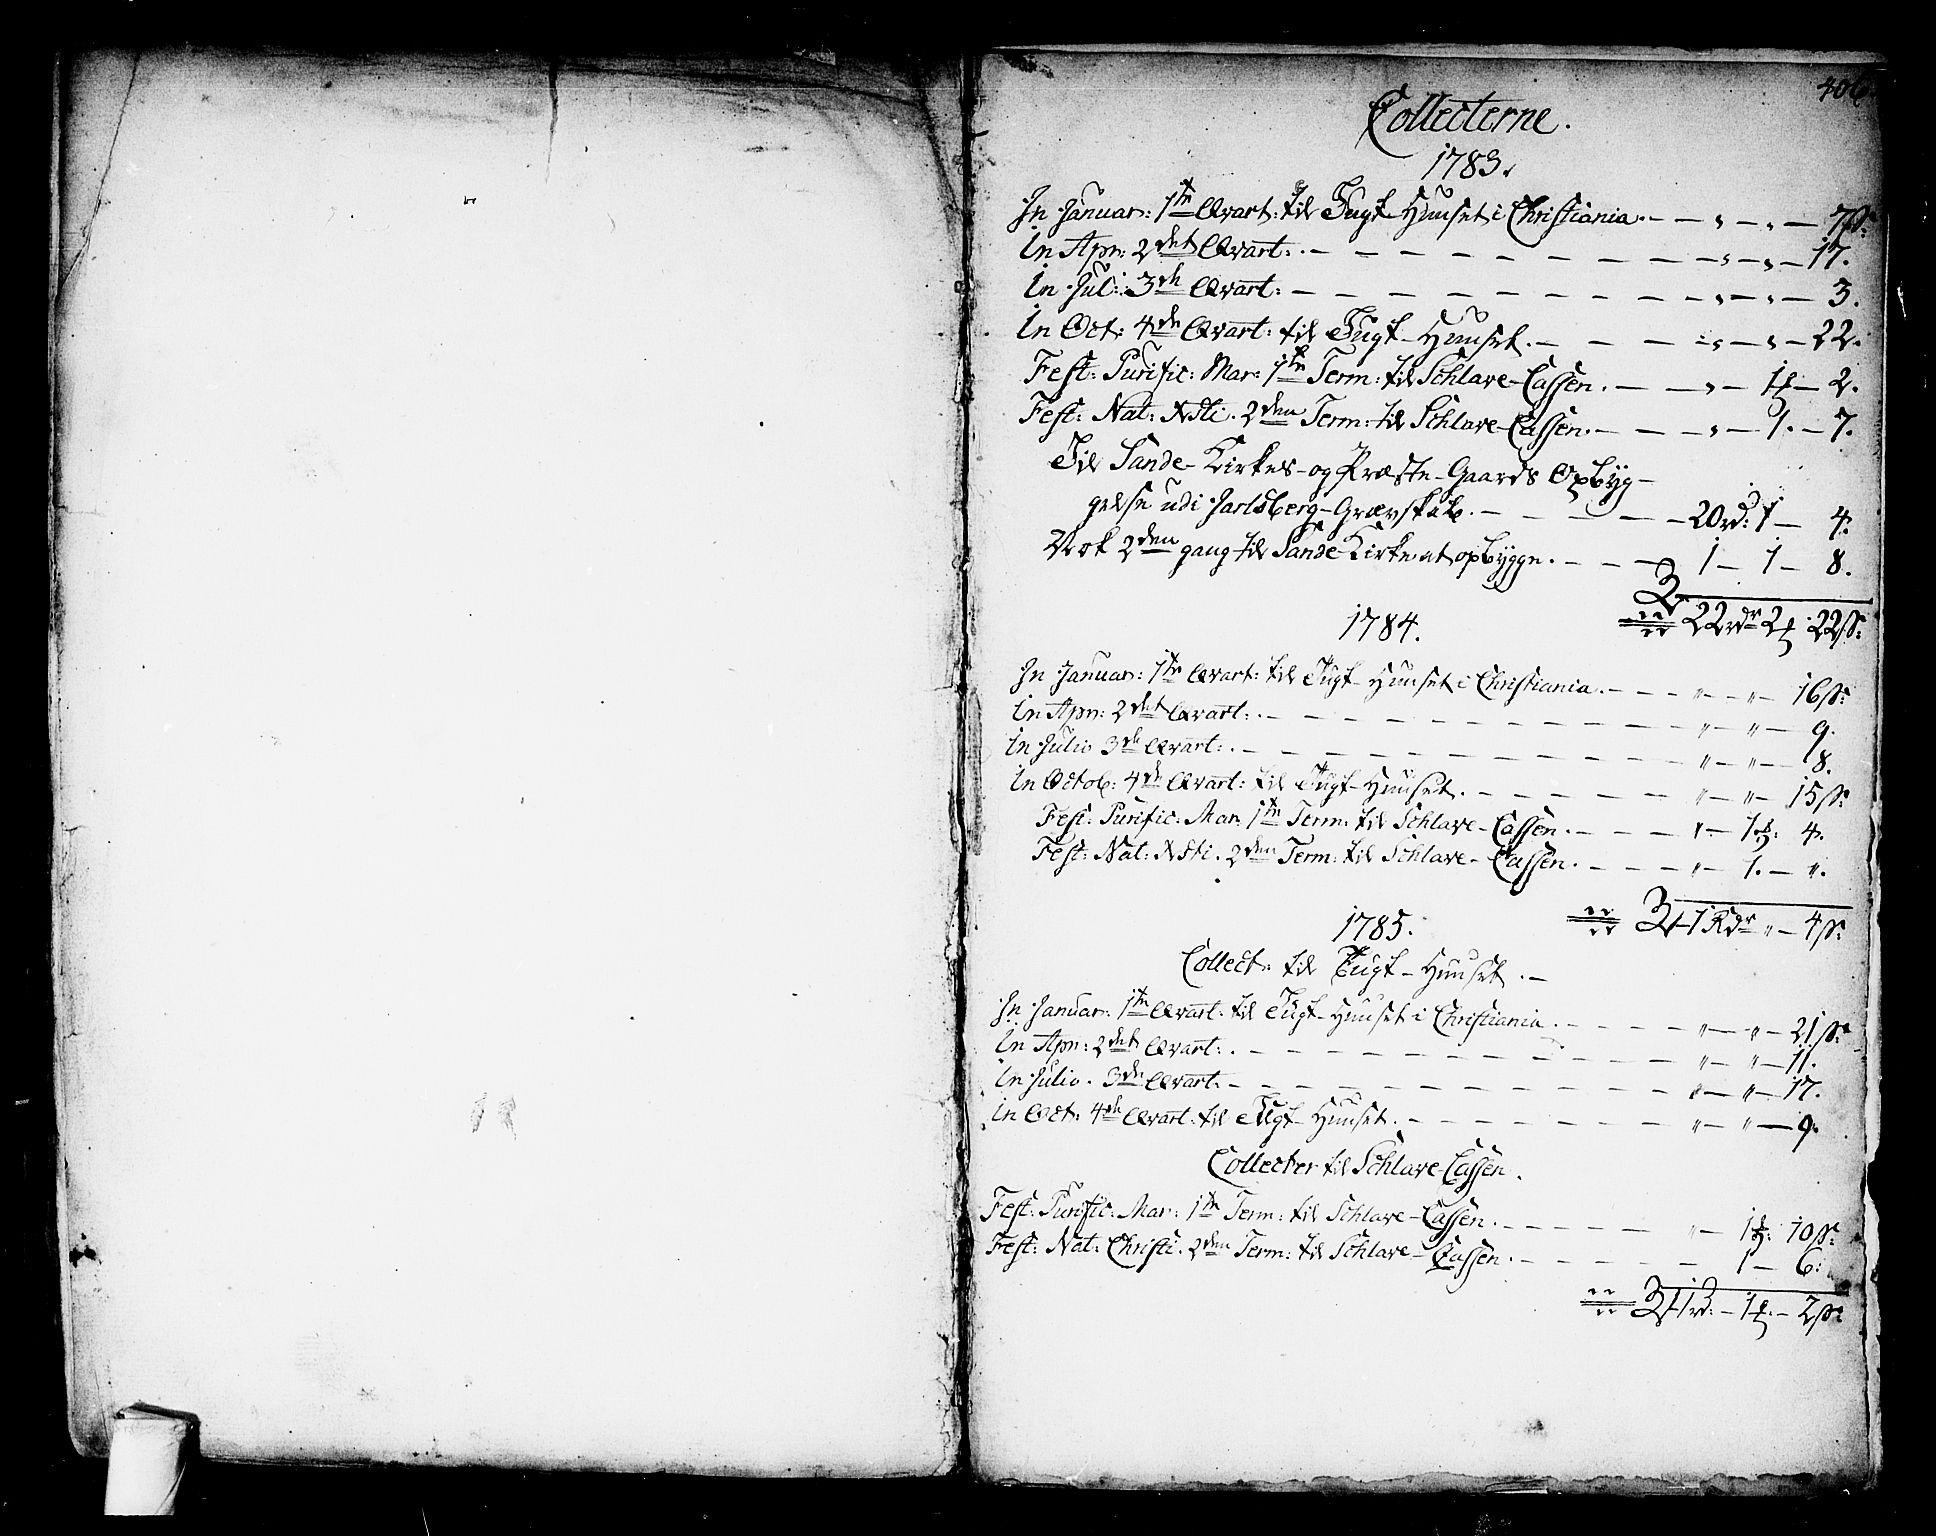 SAKO, Kongsberg kirkebøker, F/Fa/L0006: Ministerialbok nr. I 6, 1783-1797, s. 406